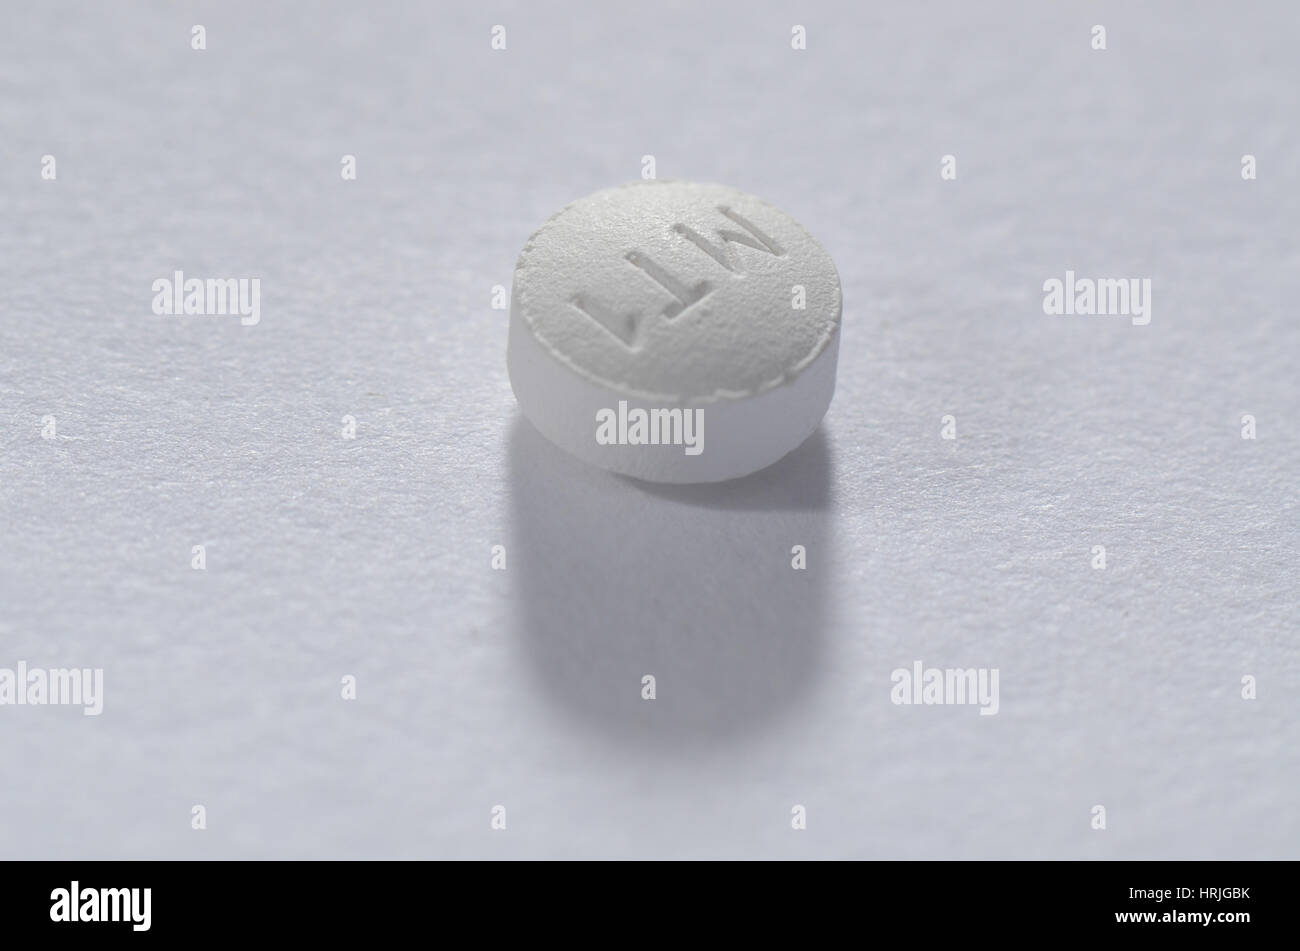 La prescrizione di medicine. Metoprololo XL 25 MG Immagini Stock